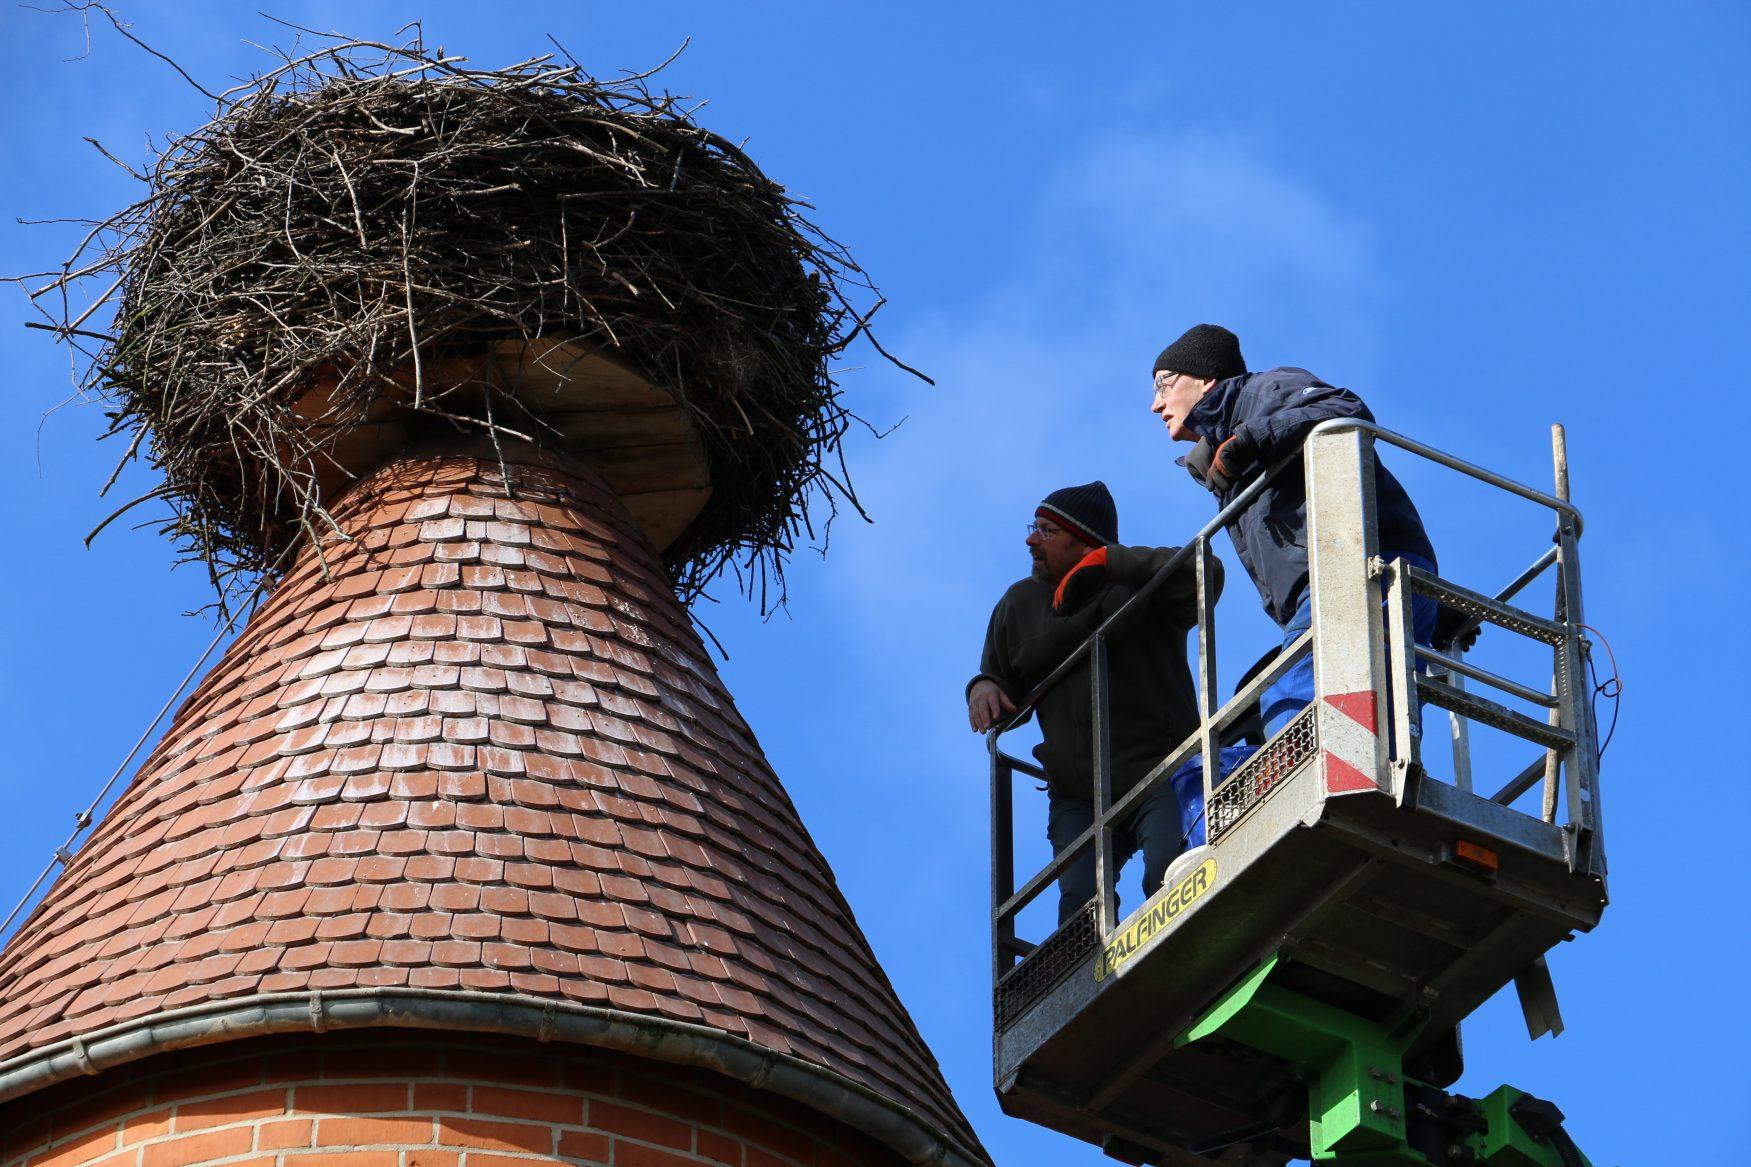 Rund 40 Brutstätten stehen den Störchen in Deutschlands storchenreichstem Dorf Rühstädt zur Verfügung. Die Nester wurden jetzt kontrolliert und für die neue Storchensaison fit gemacht. Bildquelle:J.Schormann/LfU.